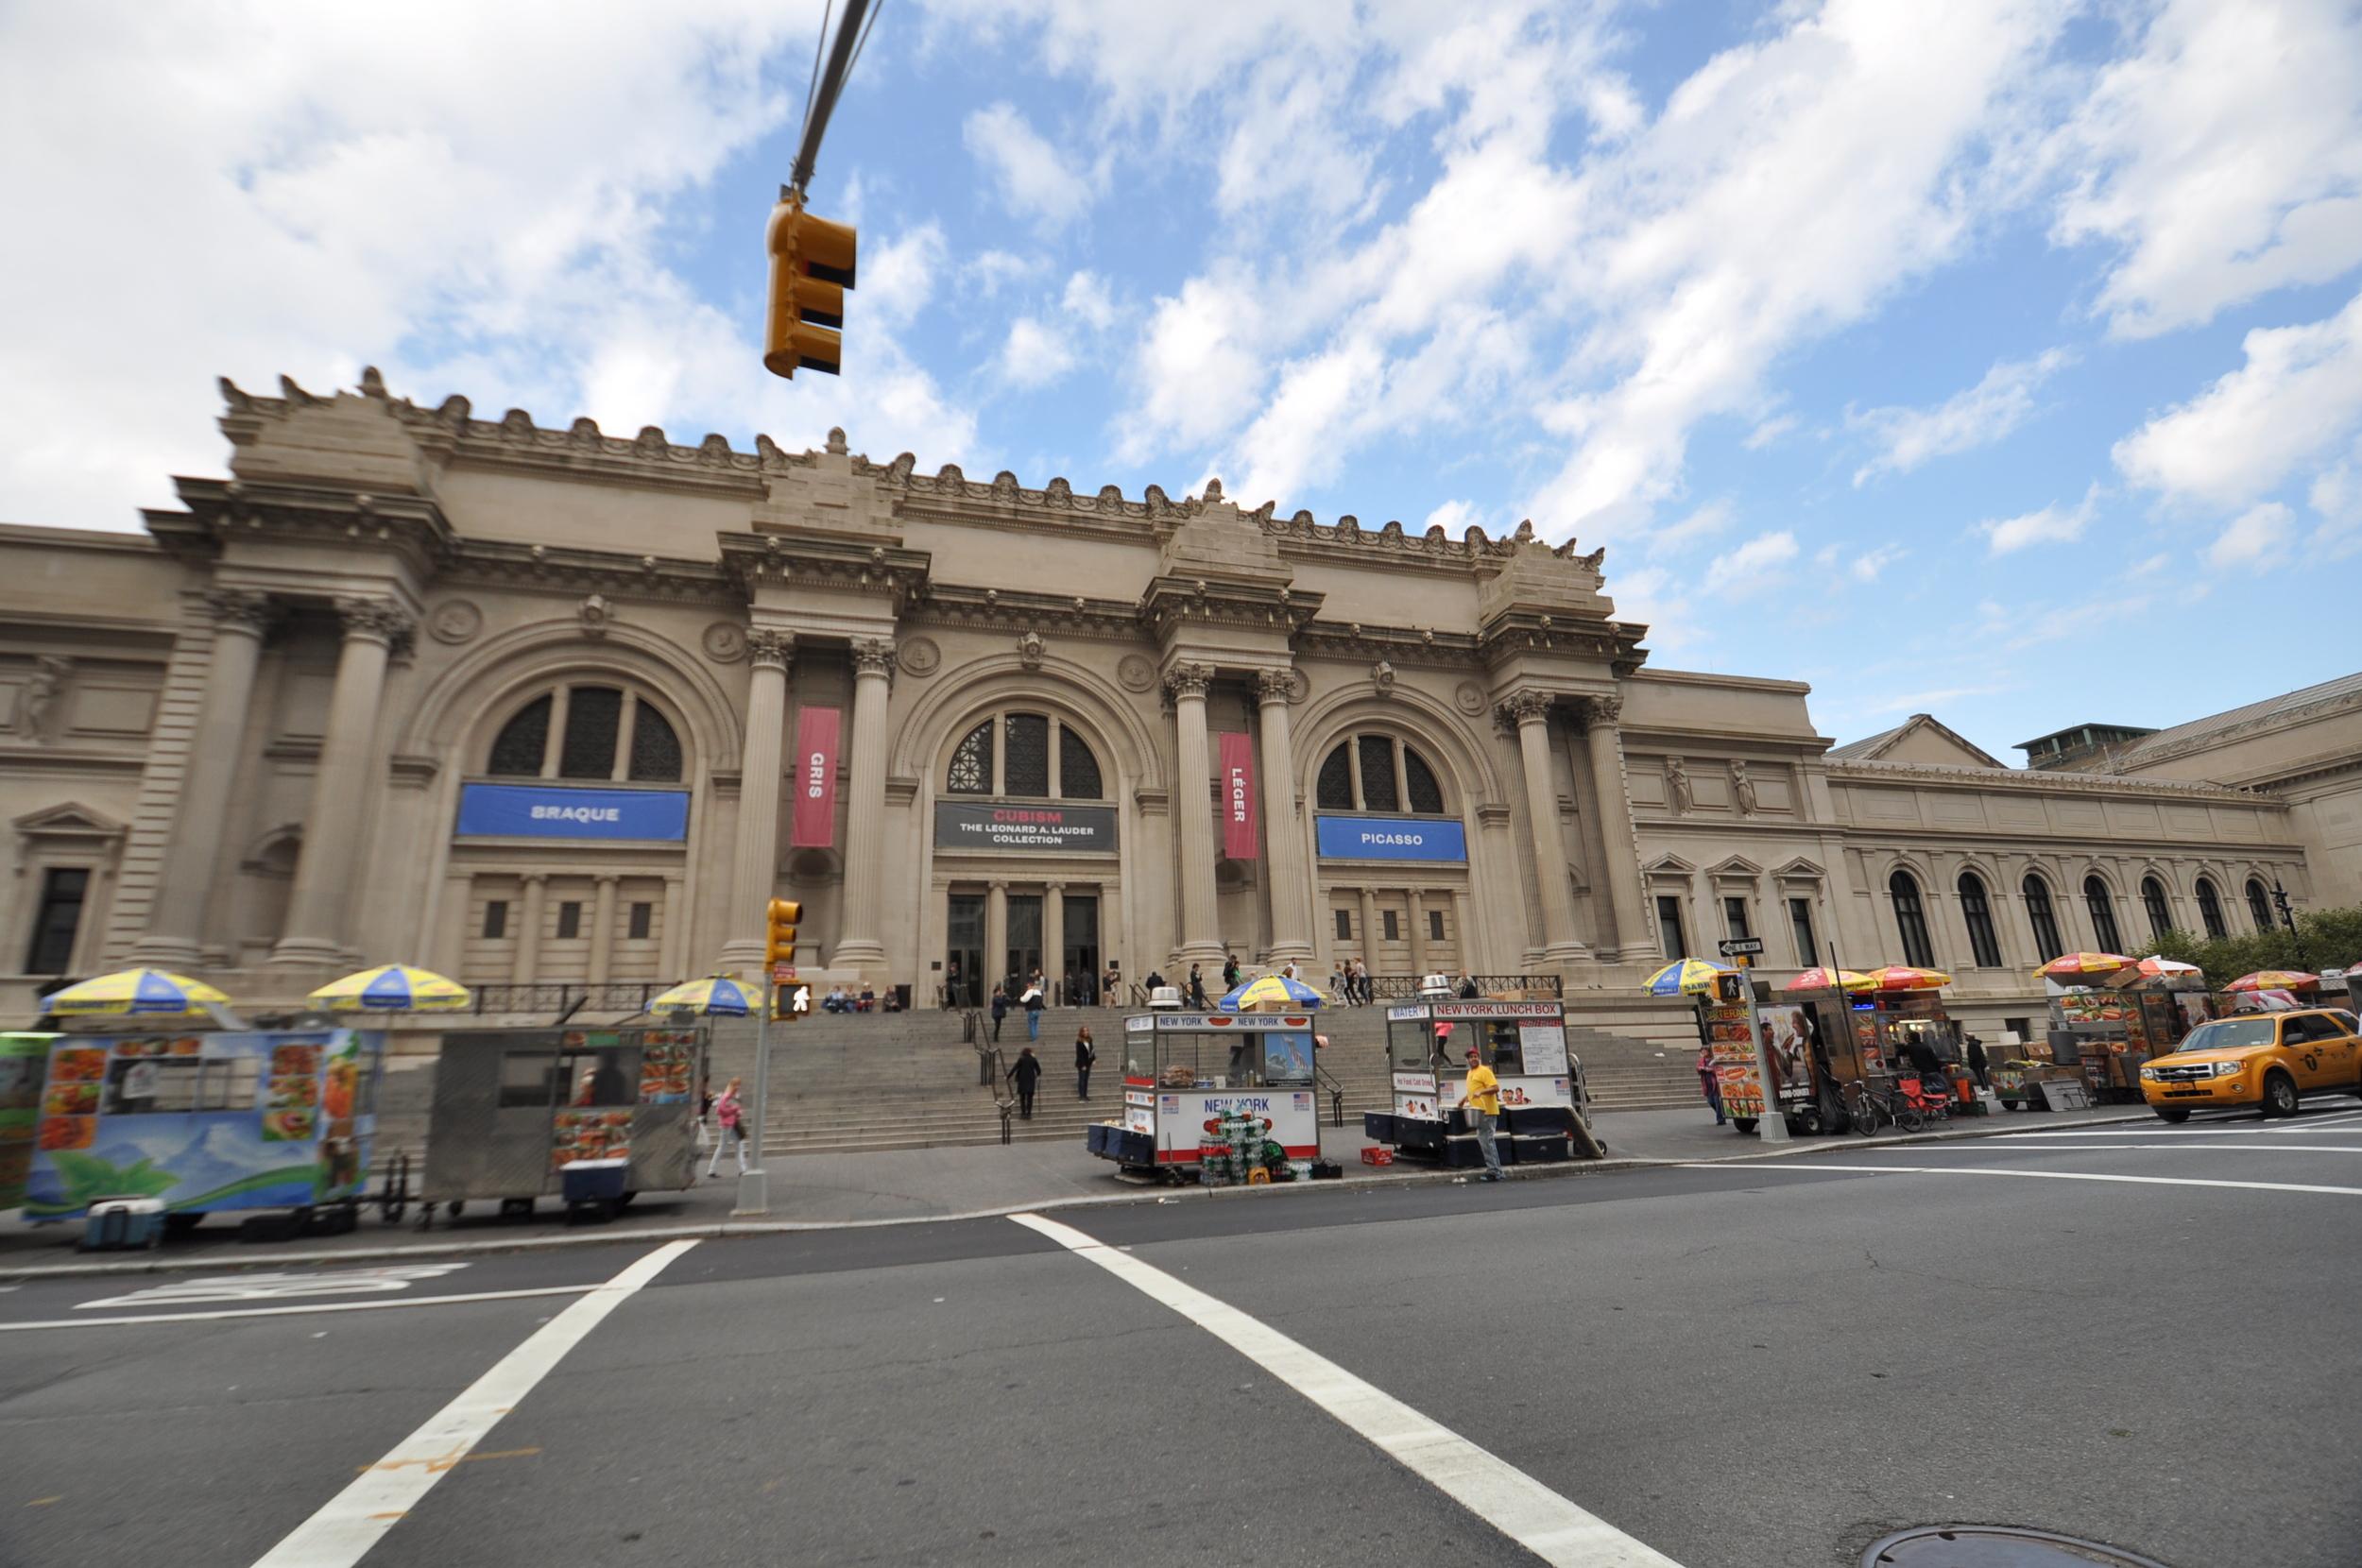 Guia Brasileiro em Nova York - Tours em Nova York